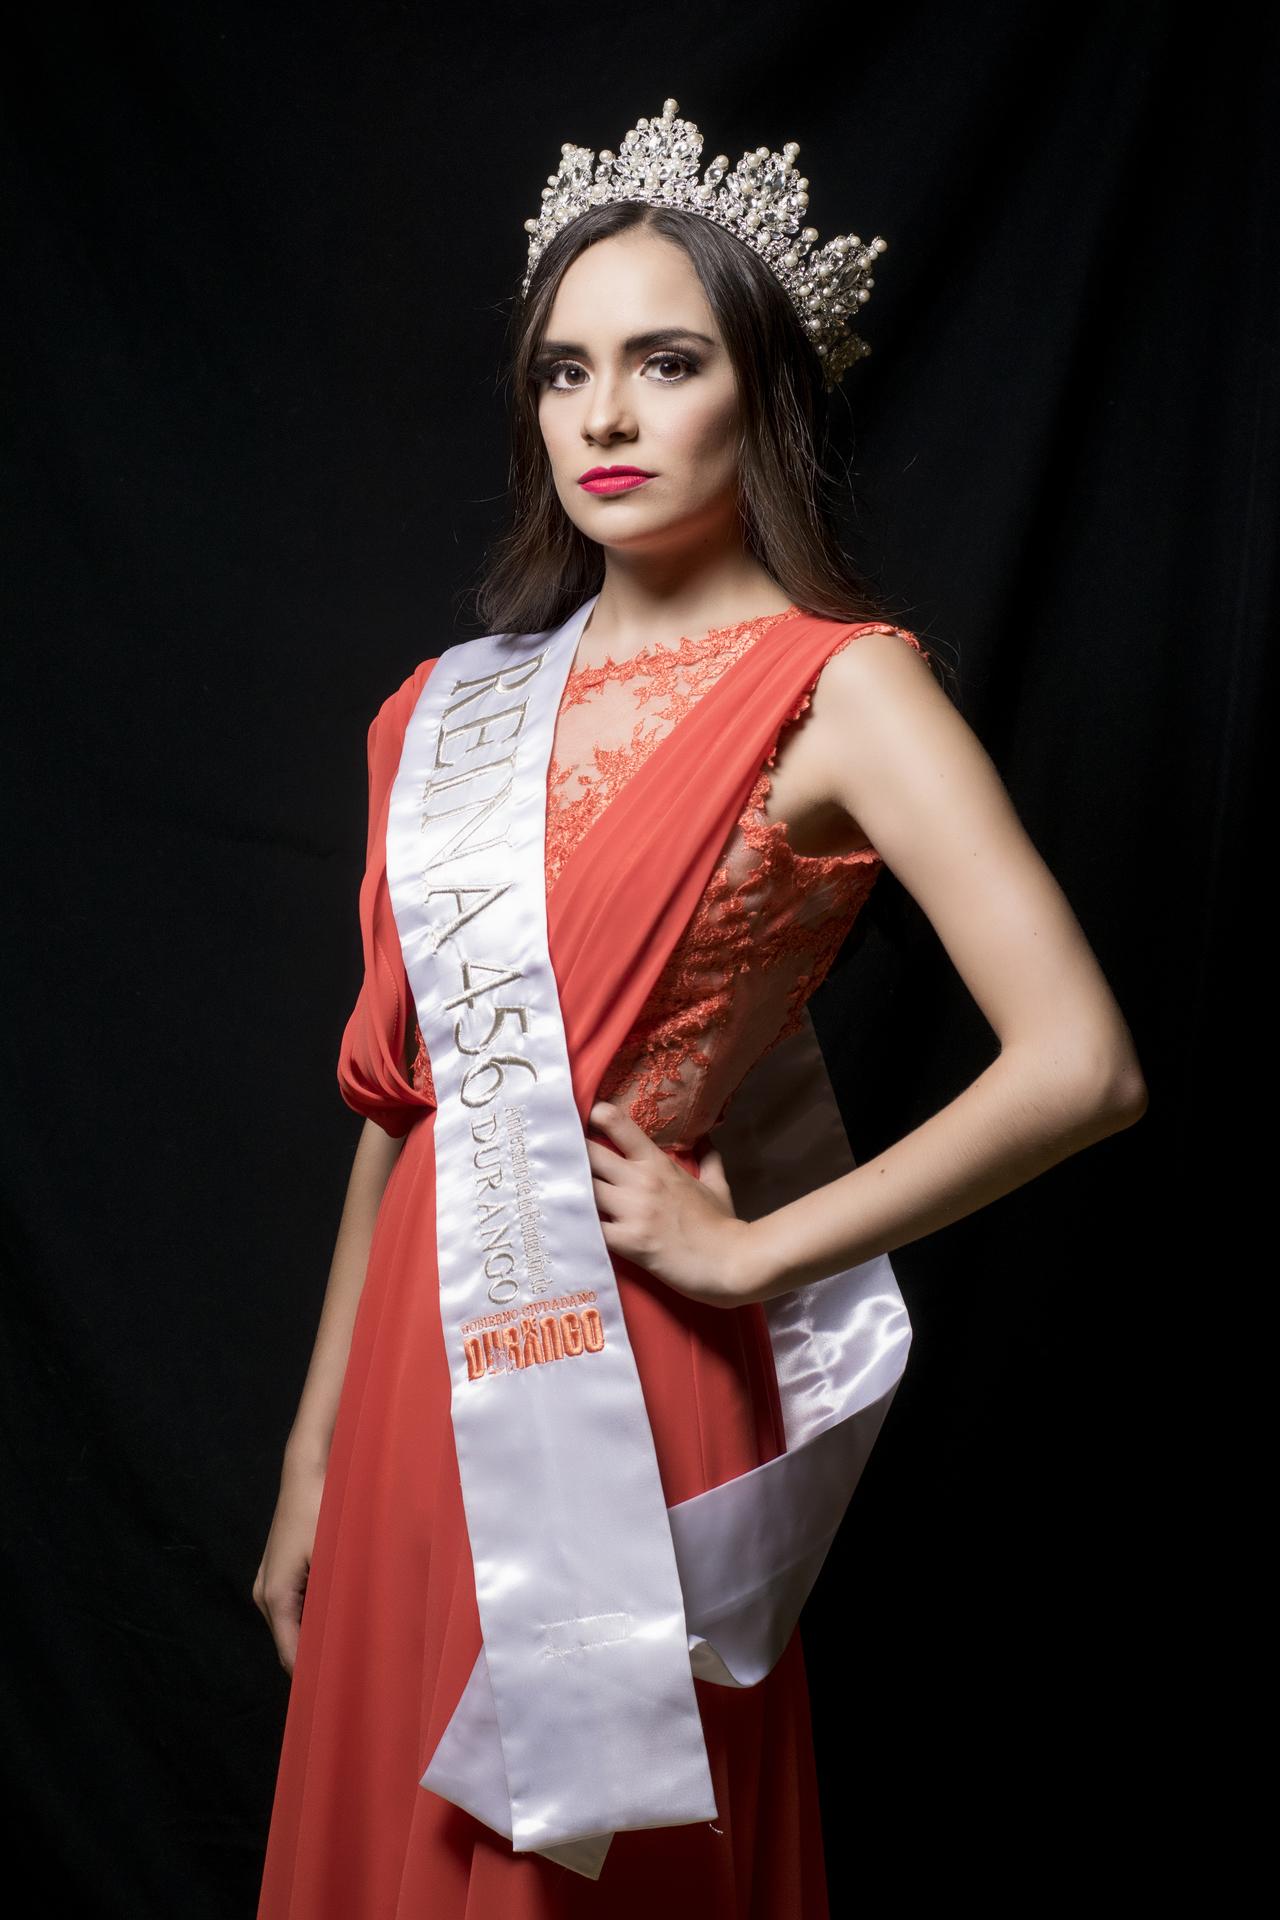 Adriela Aguilar